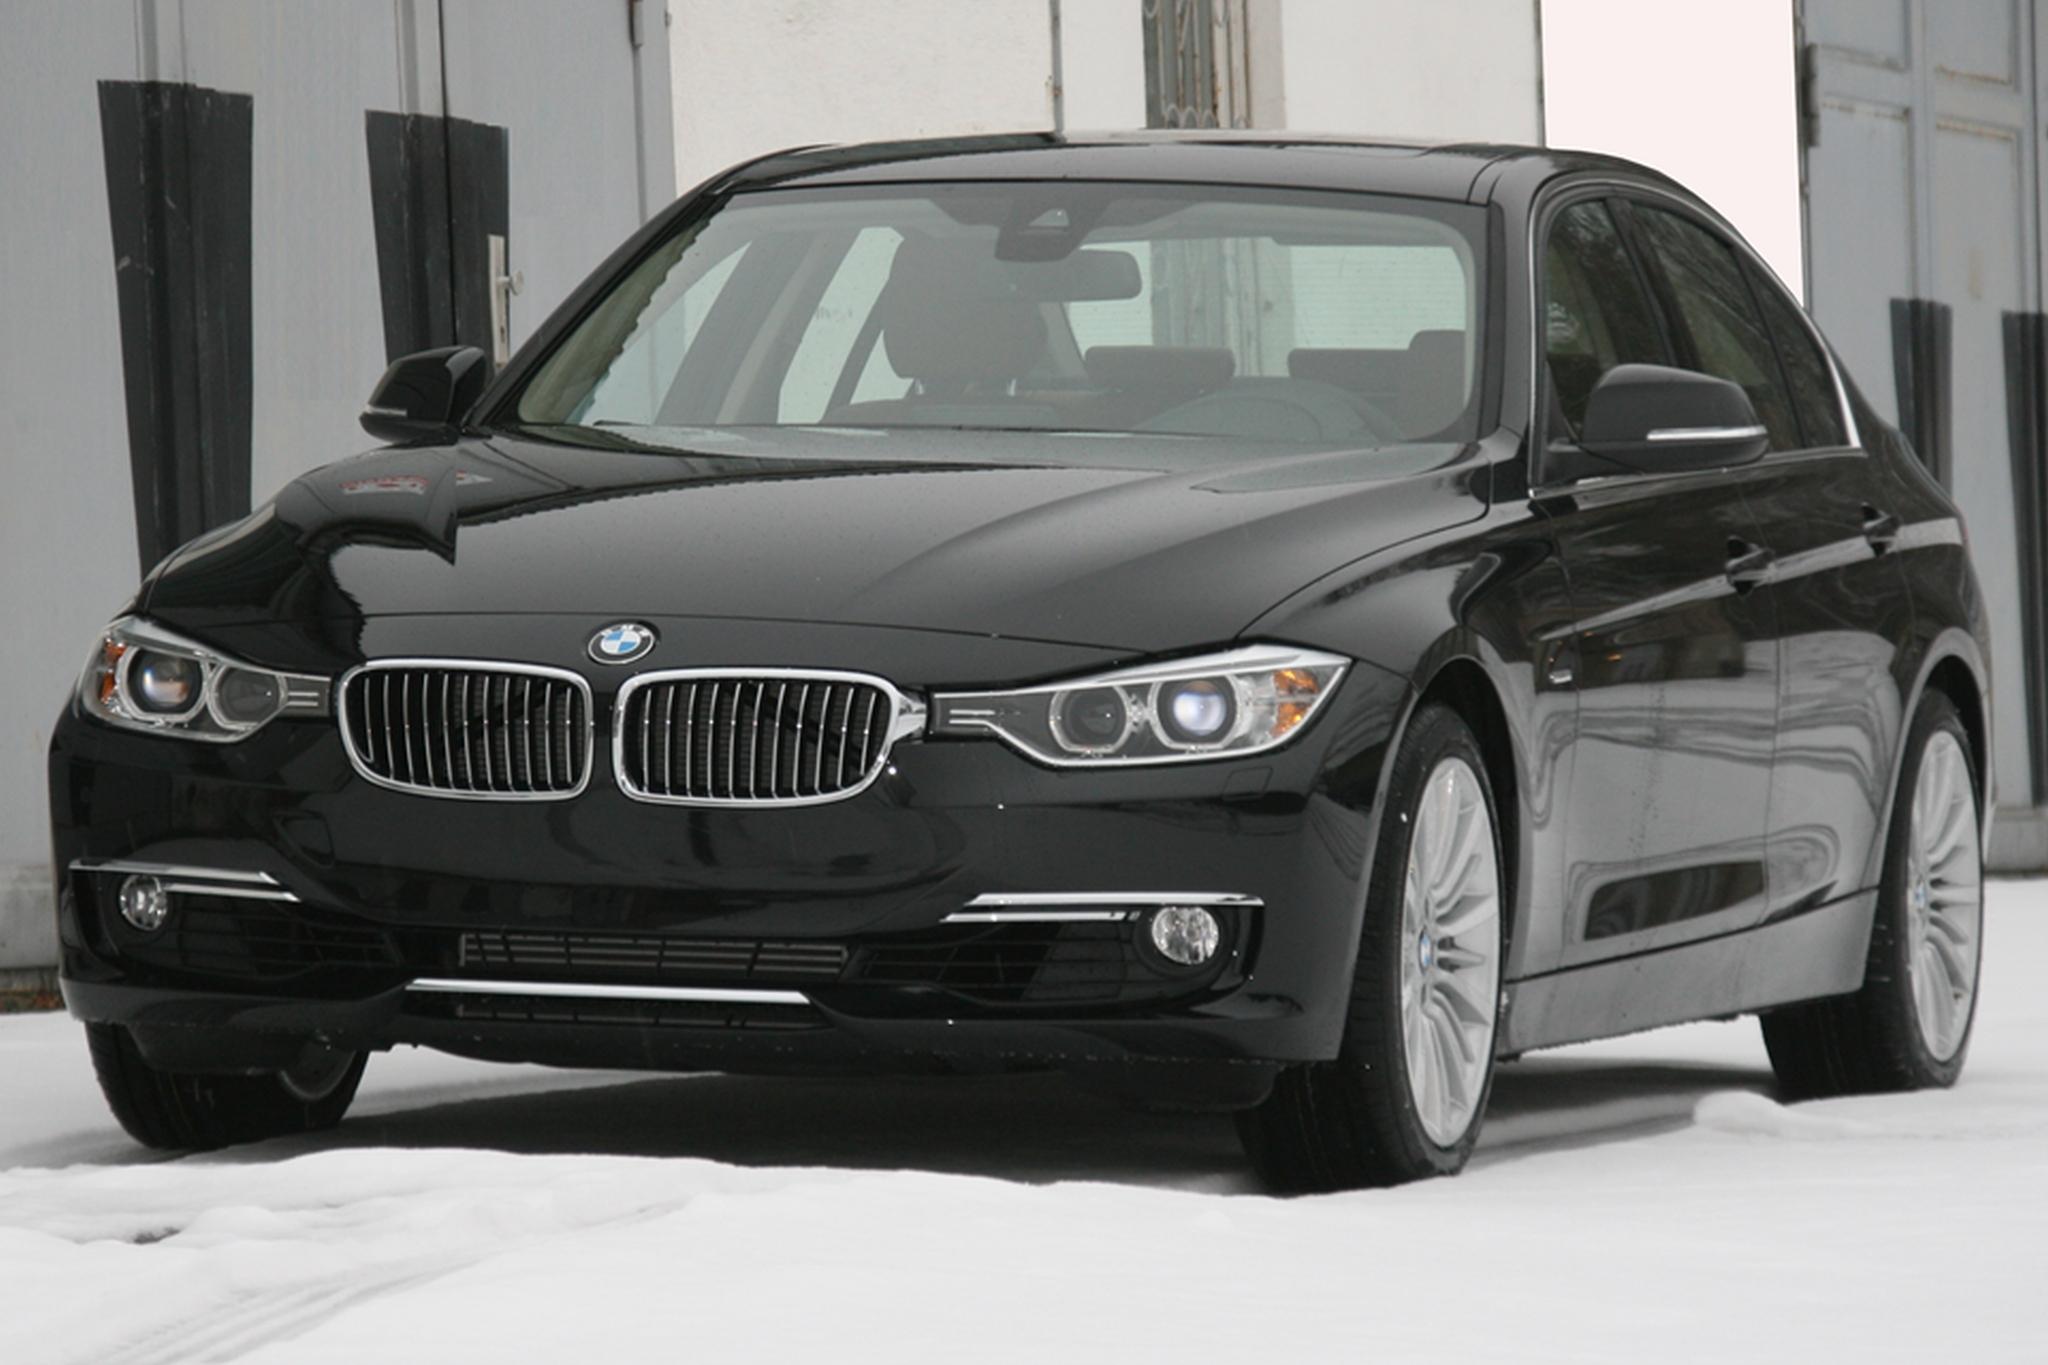 Det ser ut for at tyvene går spesielt etter biler av merke BMW. Foto: Office.com